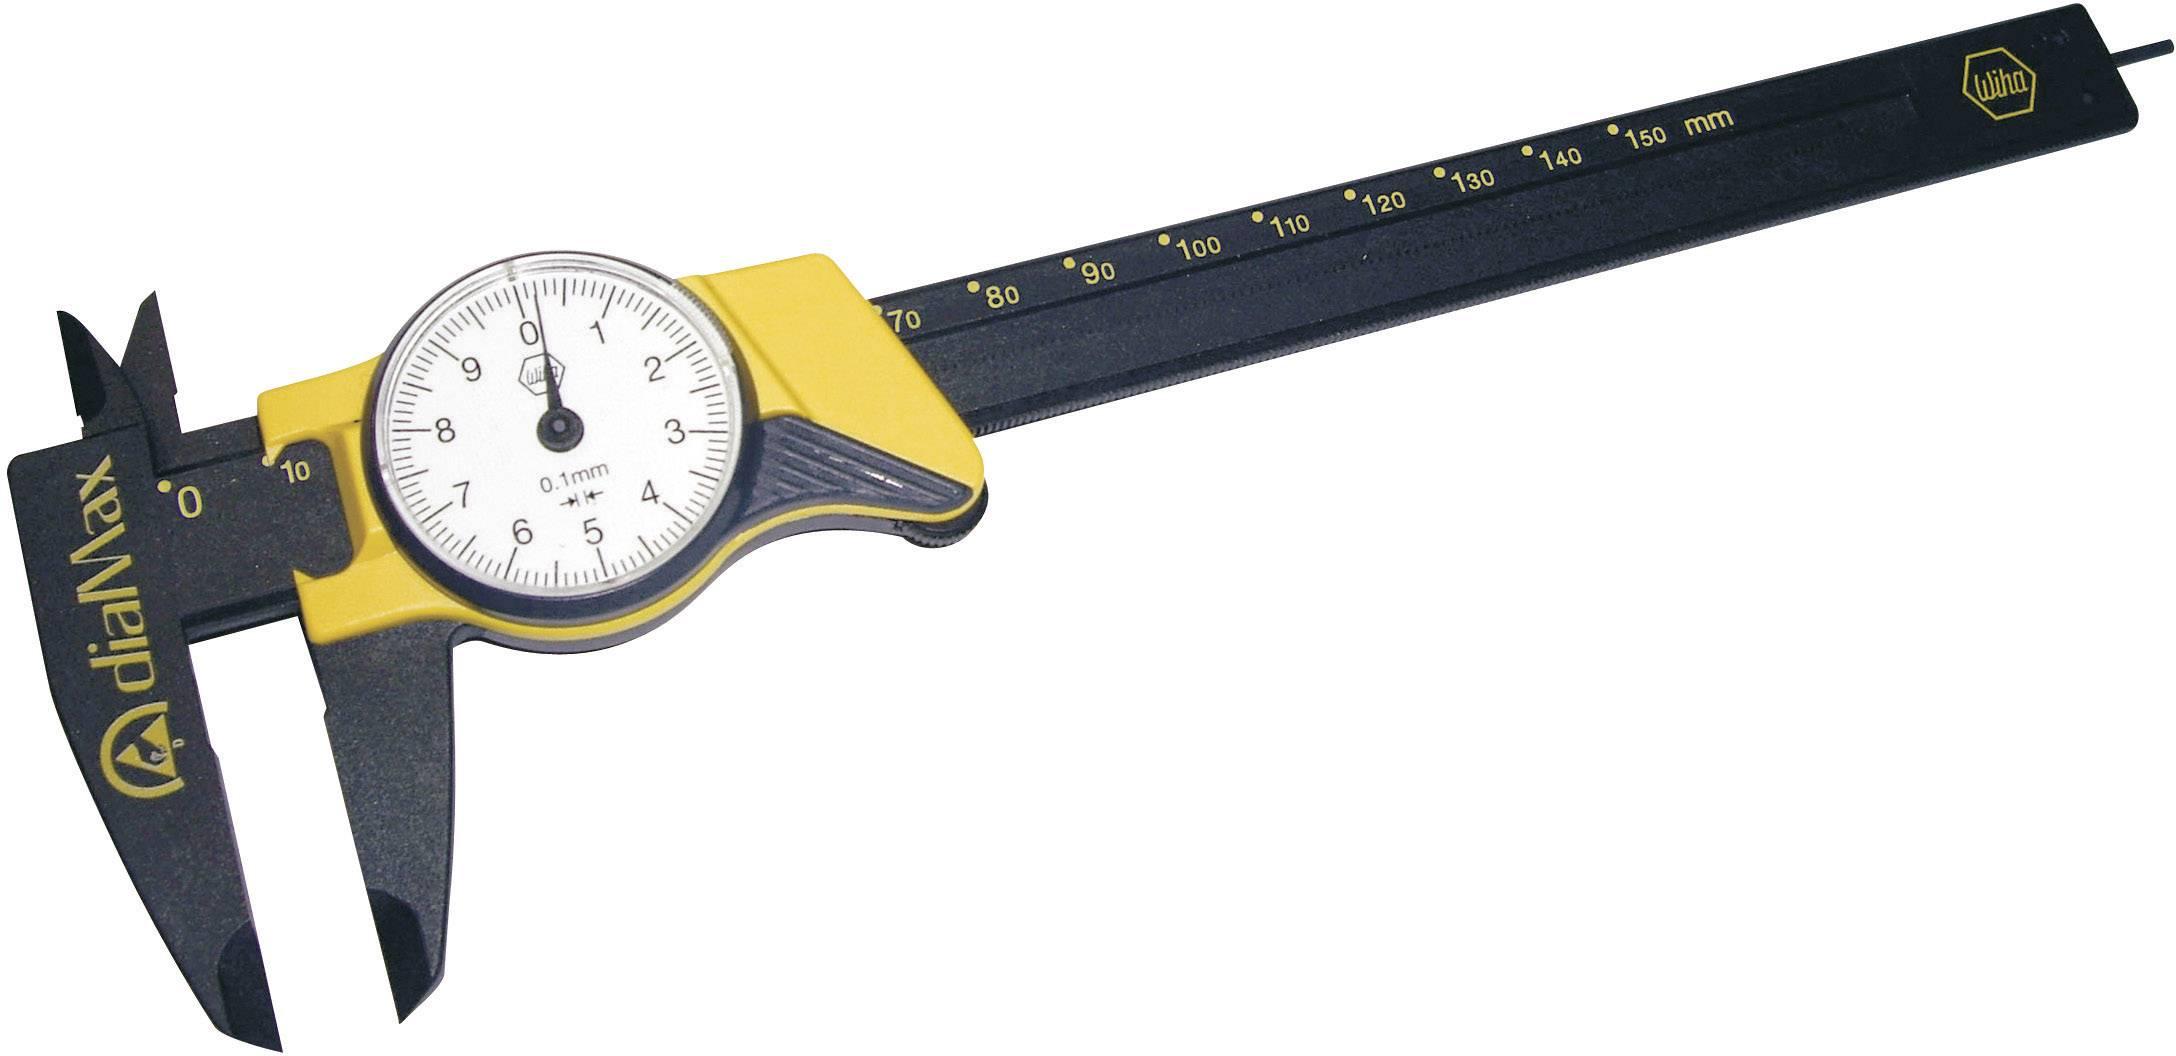 ESD posuvné měřítko s ciferníkem Wiha DIALMAX 31439, měřicí rozsah 150 mm, Kalibrováno dle bez certifikátu